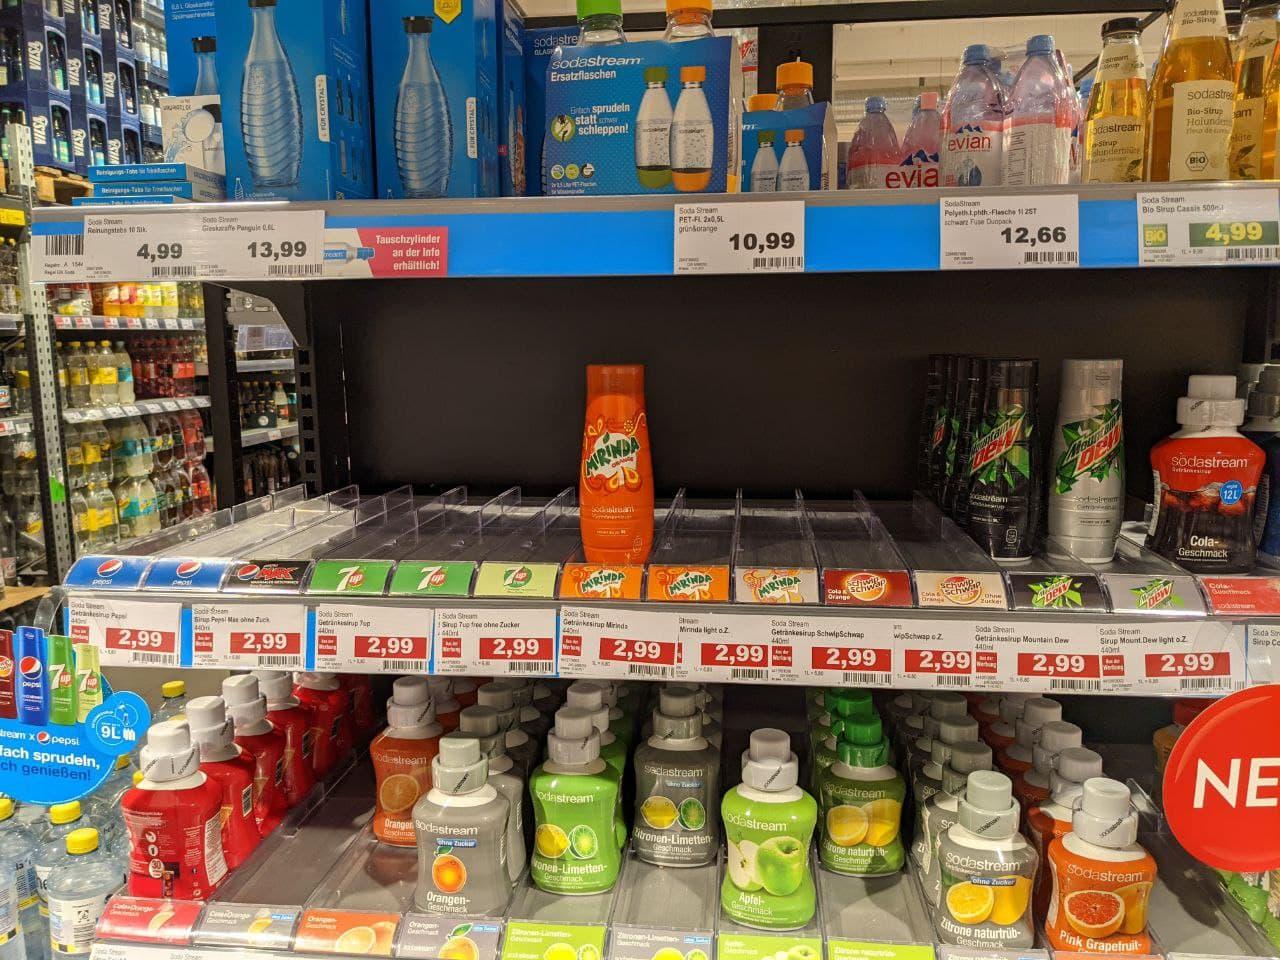 SodaStream Sirup alle Sorten (Edeka Center Braunschweig, ggf. lokal)